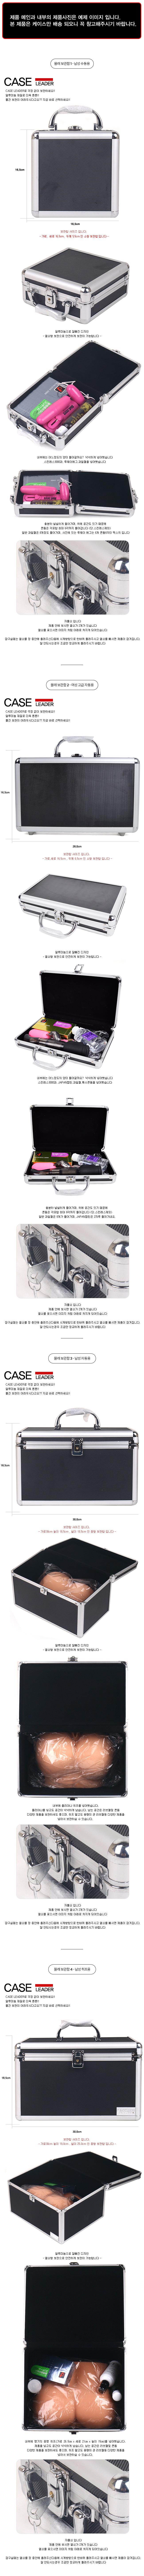 [알류미늄 보관함] 몰래 보관함 시리즈 - 알루미늄 재질/열쇠 잠금형